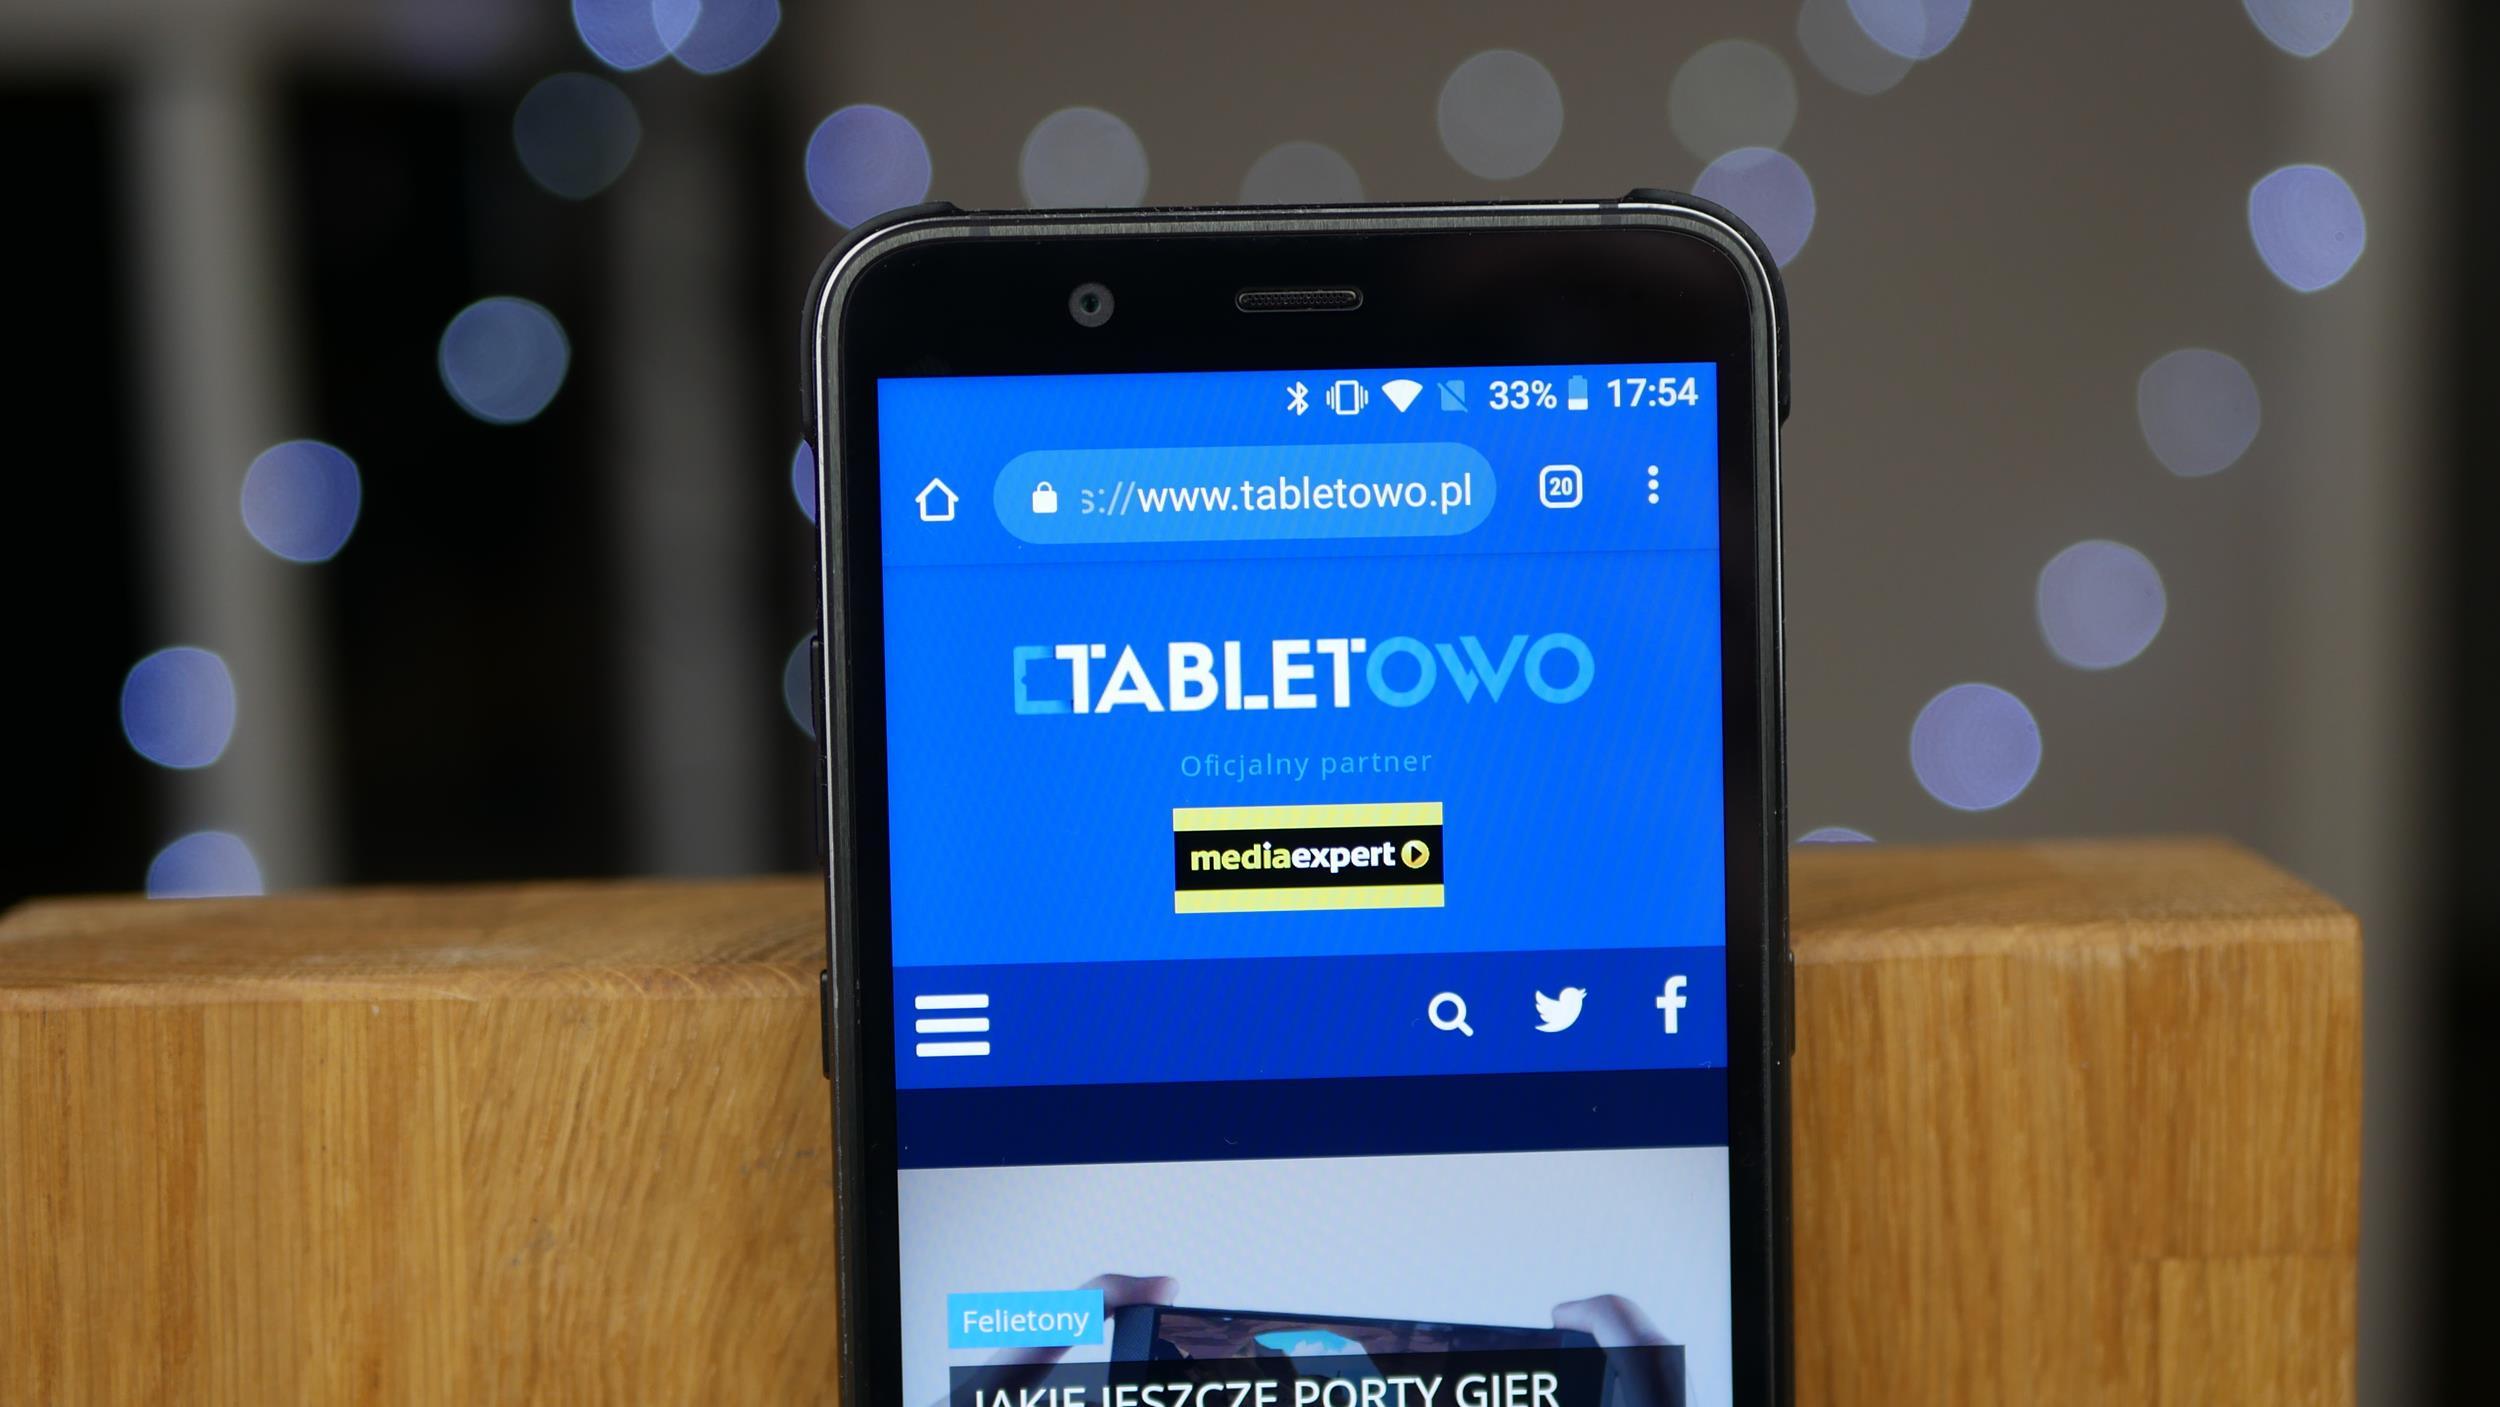 Recenzja Hammer Blade 2 Pro - wytrzymałego smartfona z NFC i 6 GB RAM 19